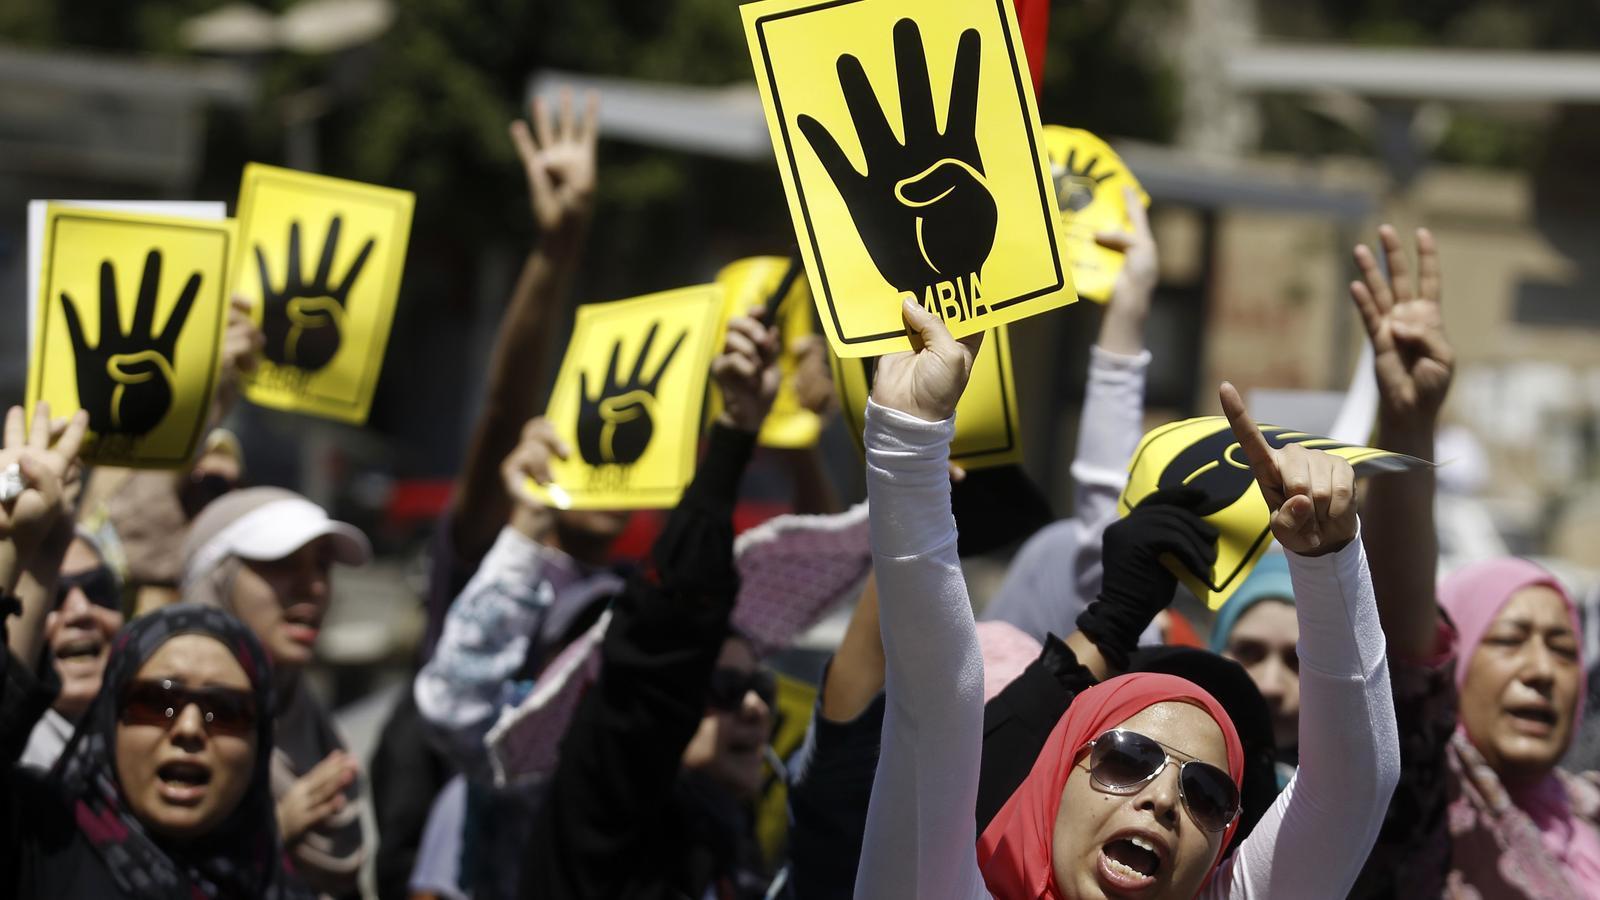 Després de la massacre de la plaça Rabà al-Adauiya del Caire perpetrada per la policia d'Al-Sissi contra els seguidors del president derrocat Mohammed Mursi l'agost del 2013, es va fer famós aquest símbol de la mà amb quatre dits.